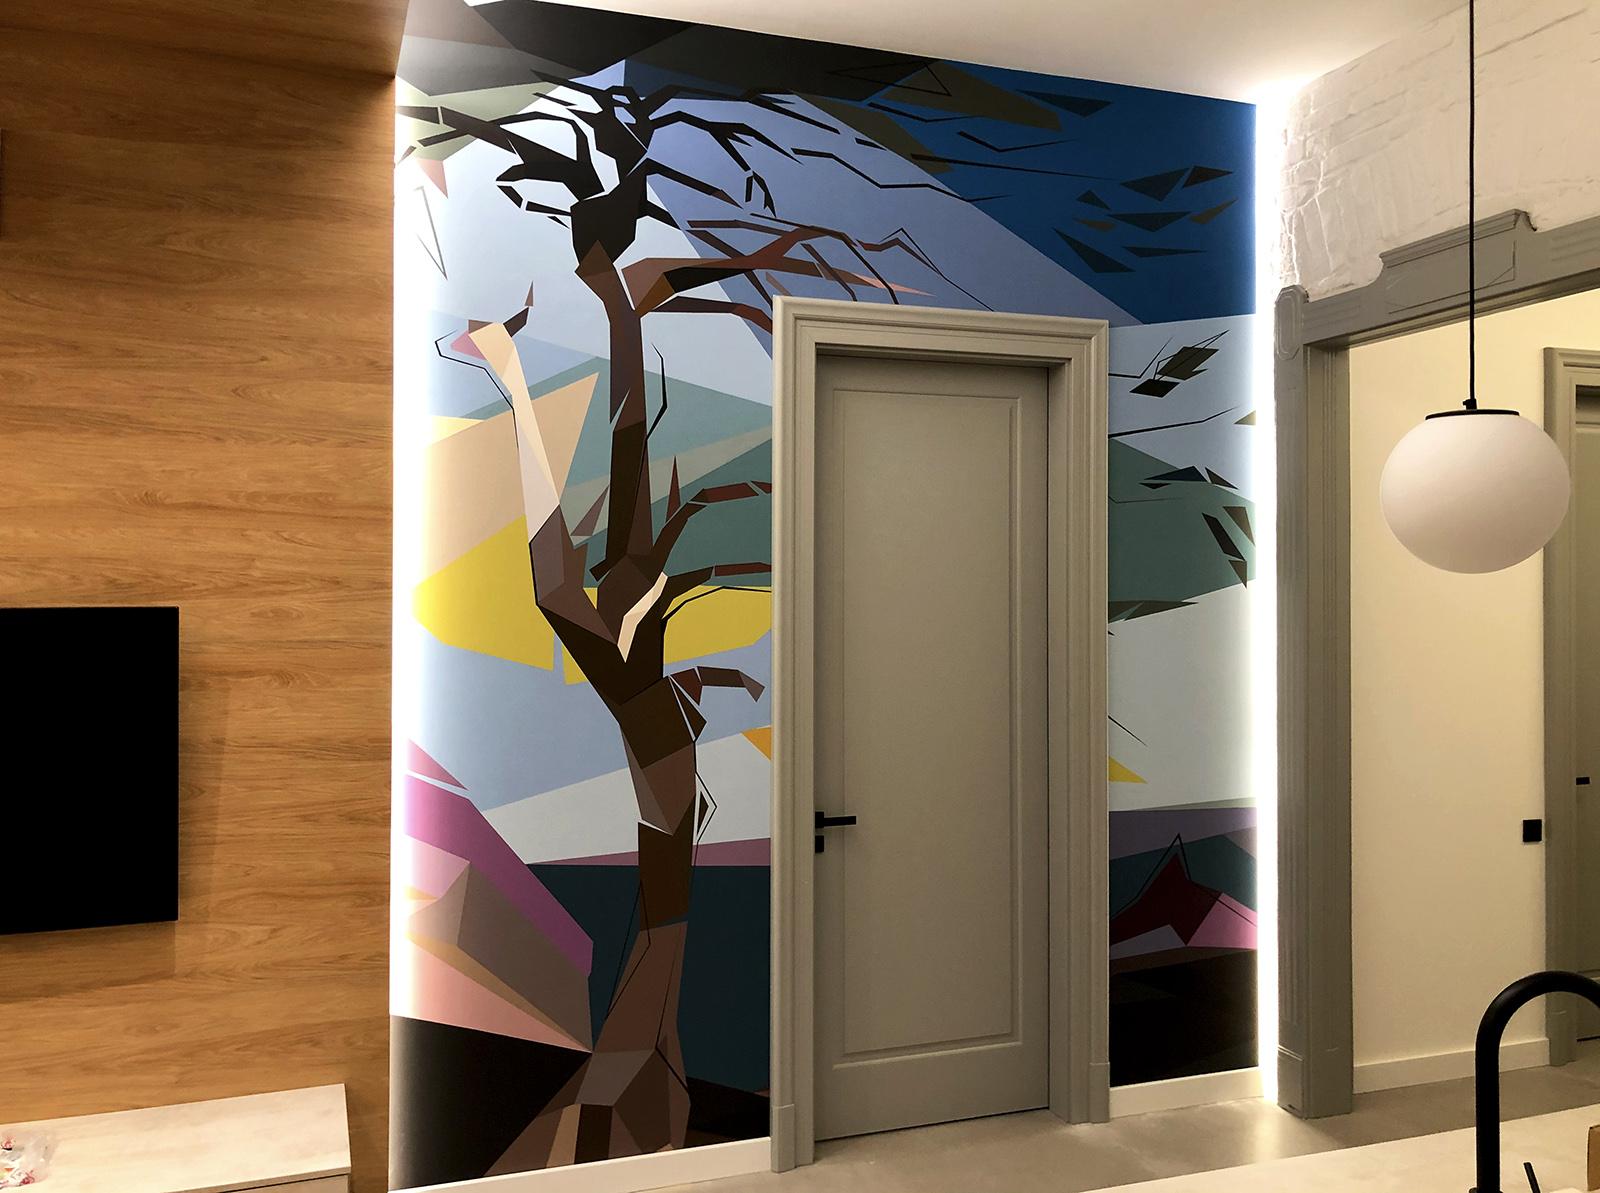 dekorációs falfestés - díszítőfestés - képfestés - neopaint - Csontváry (1)